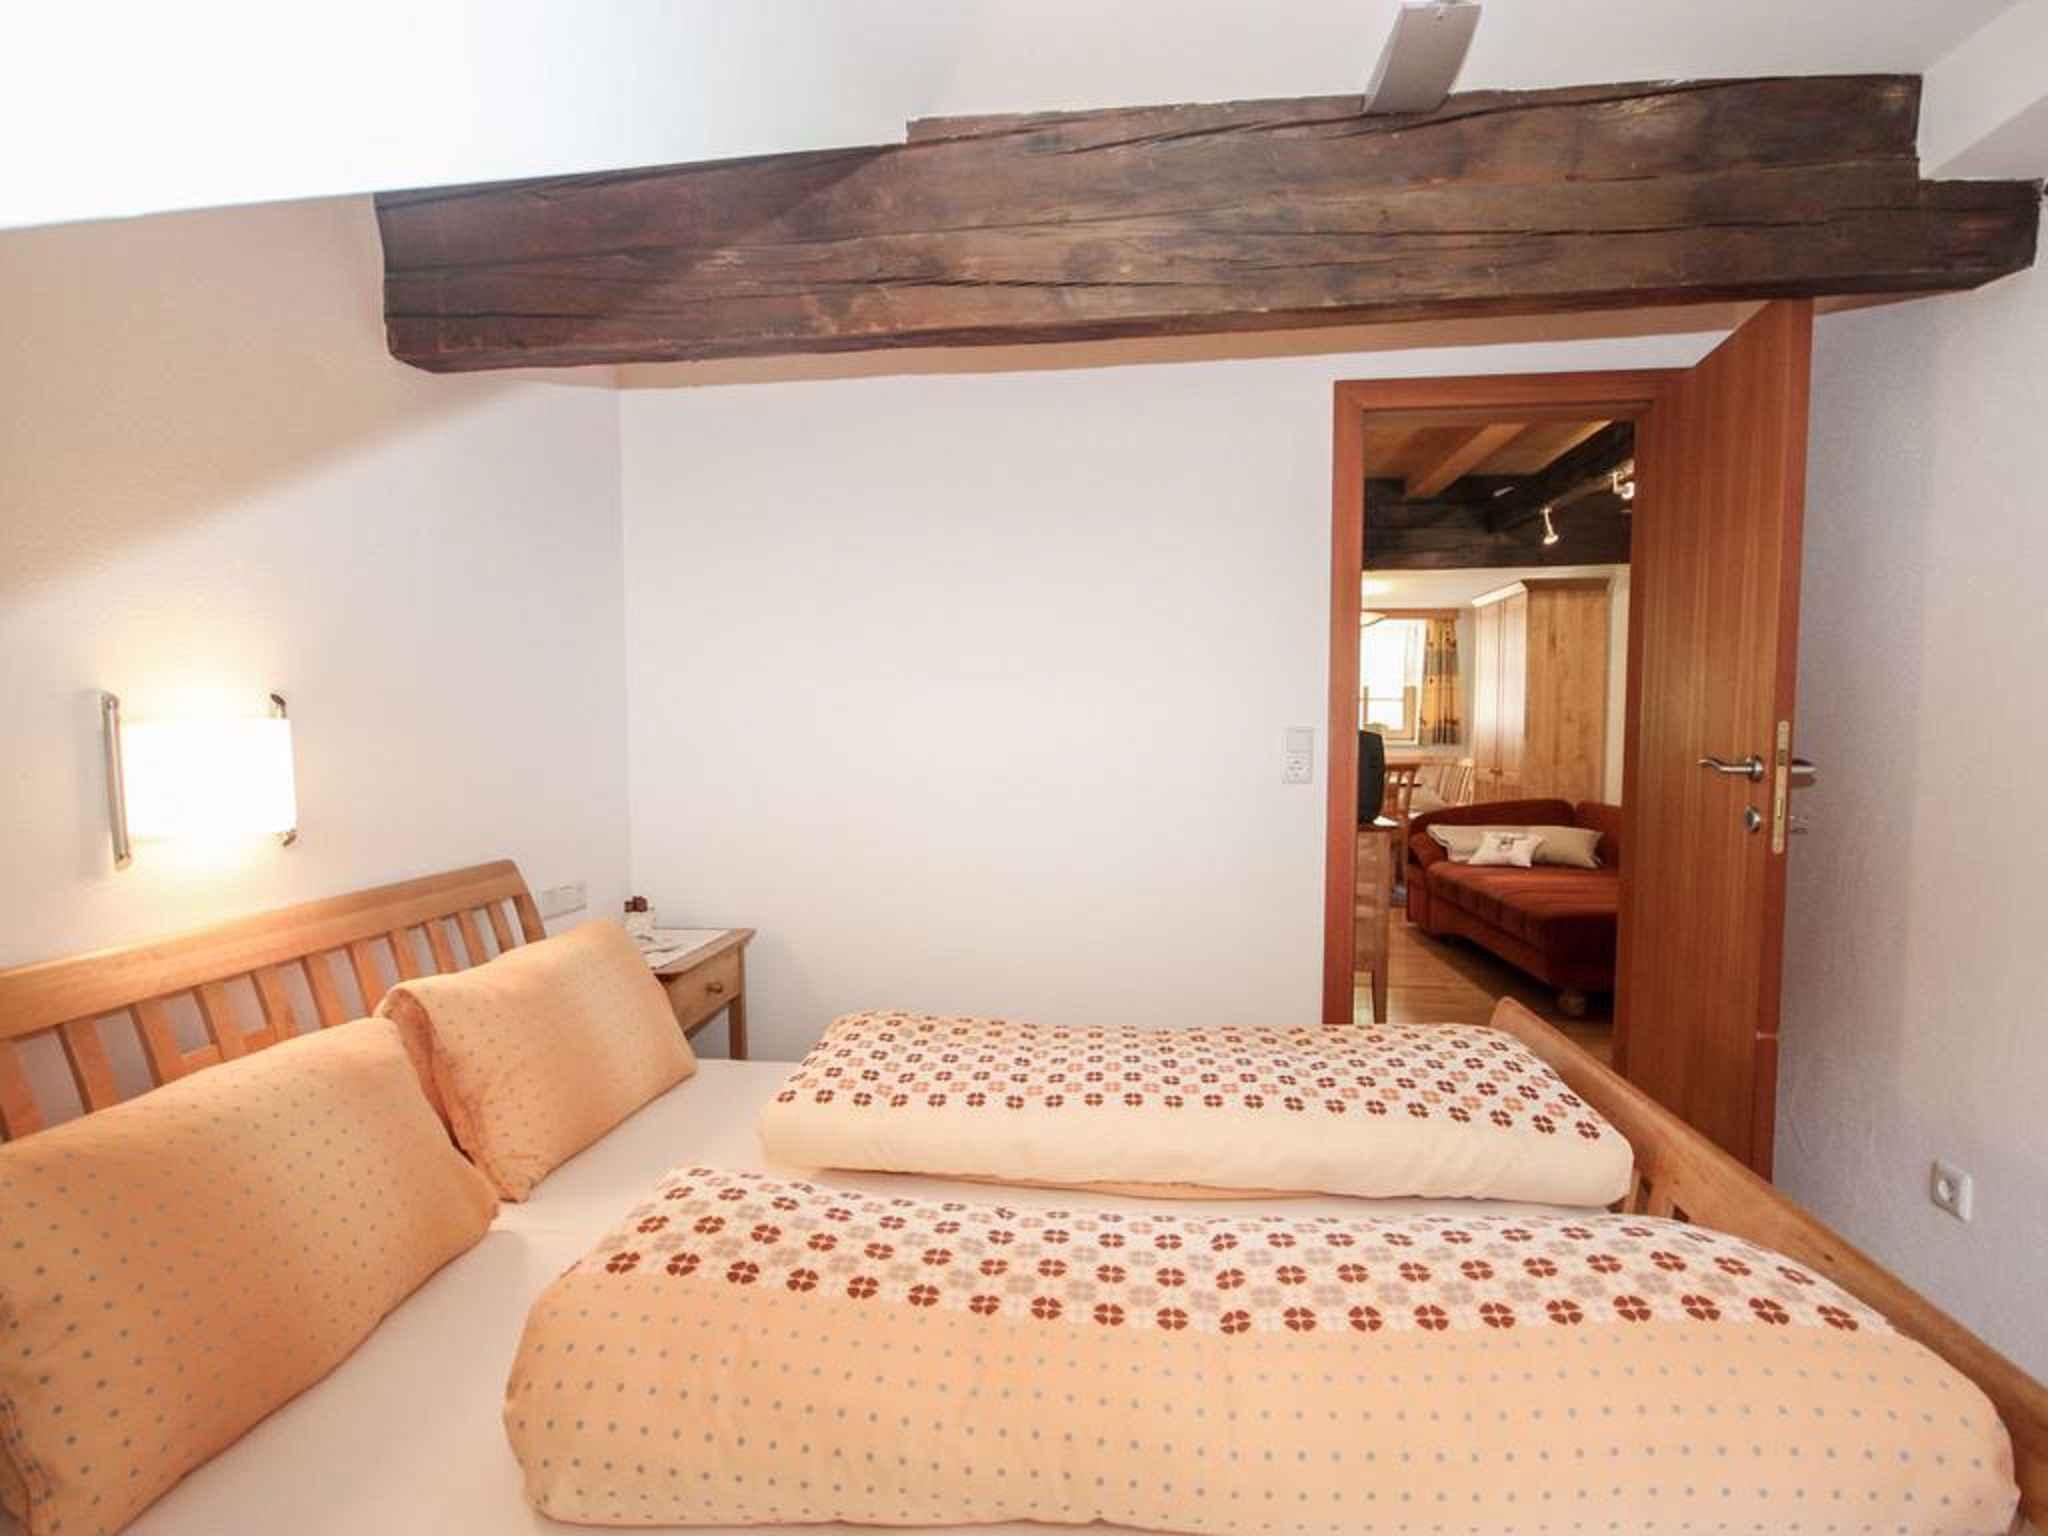 Ferienwohnung in einem über 300 Jahre alten Holzhaus (283708), Sölden (AT), Ötztal, Tirol, Österreich, Bild 20